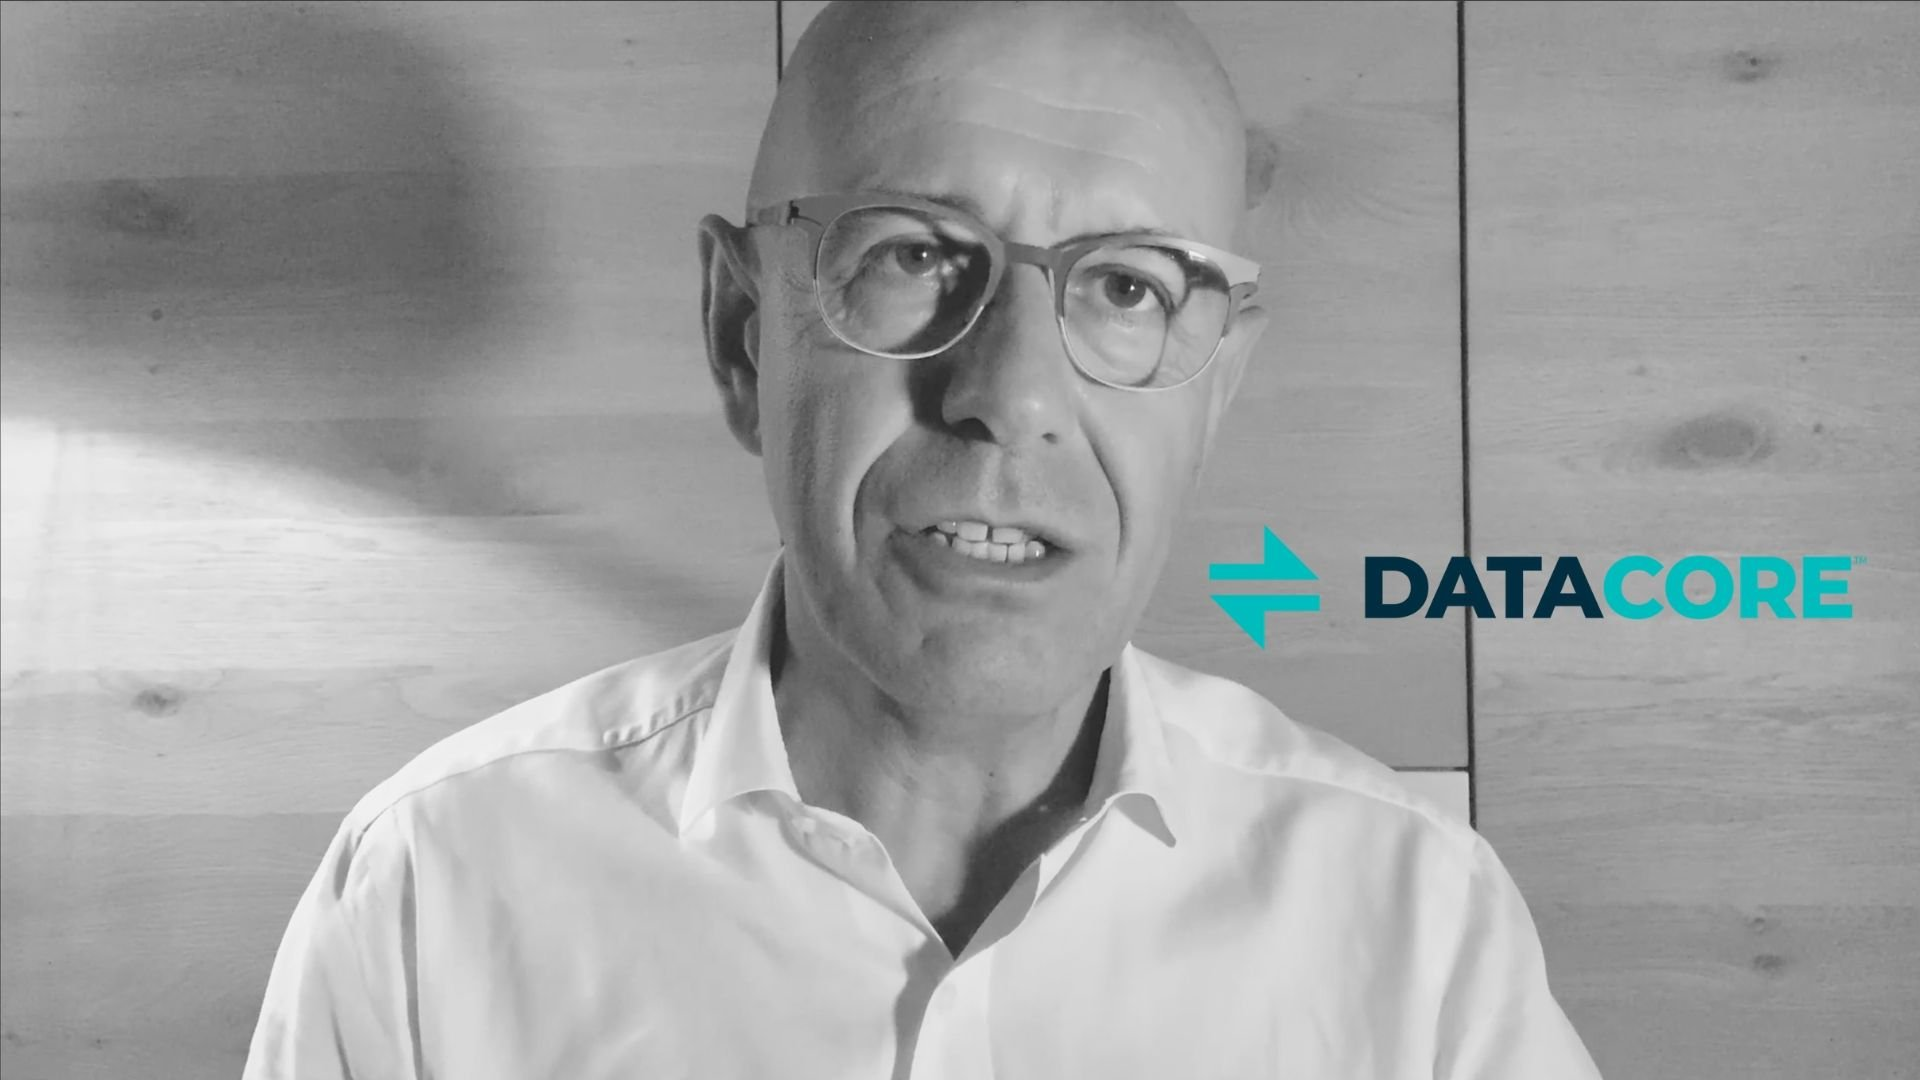 Il Futuro dello Storage passa da DataCore